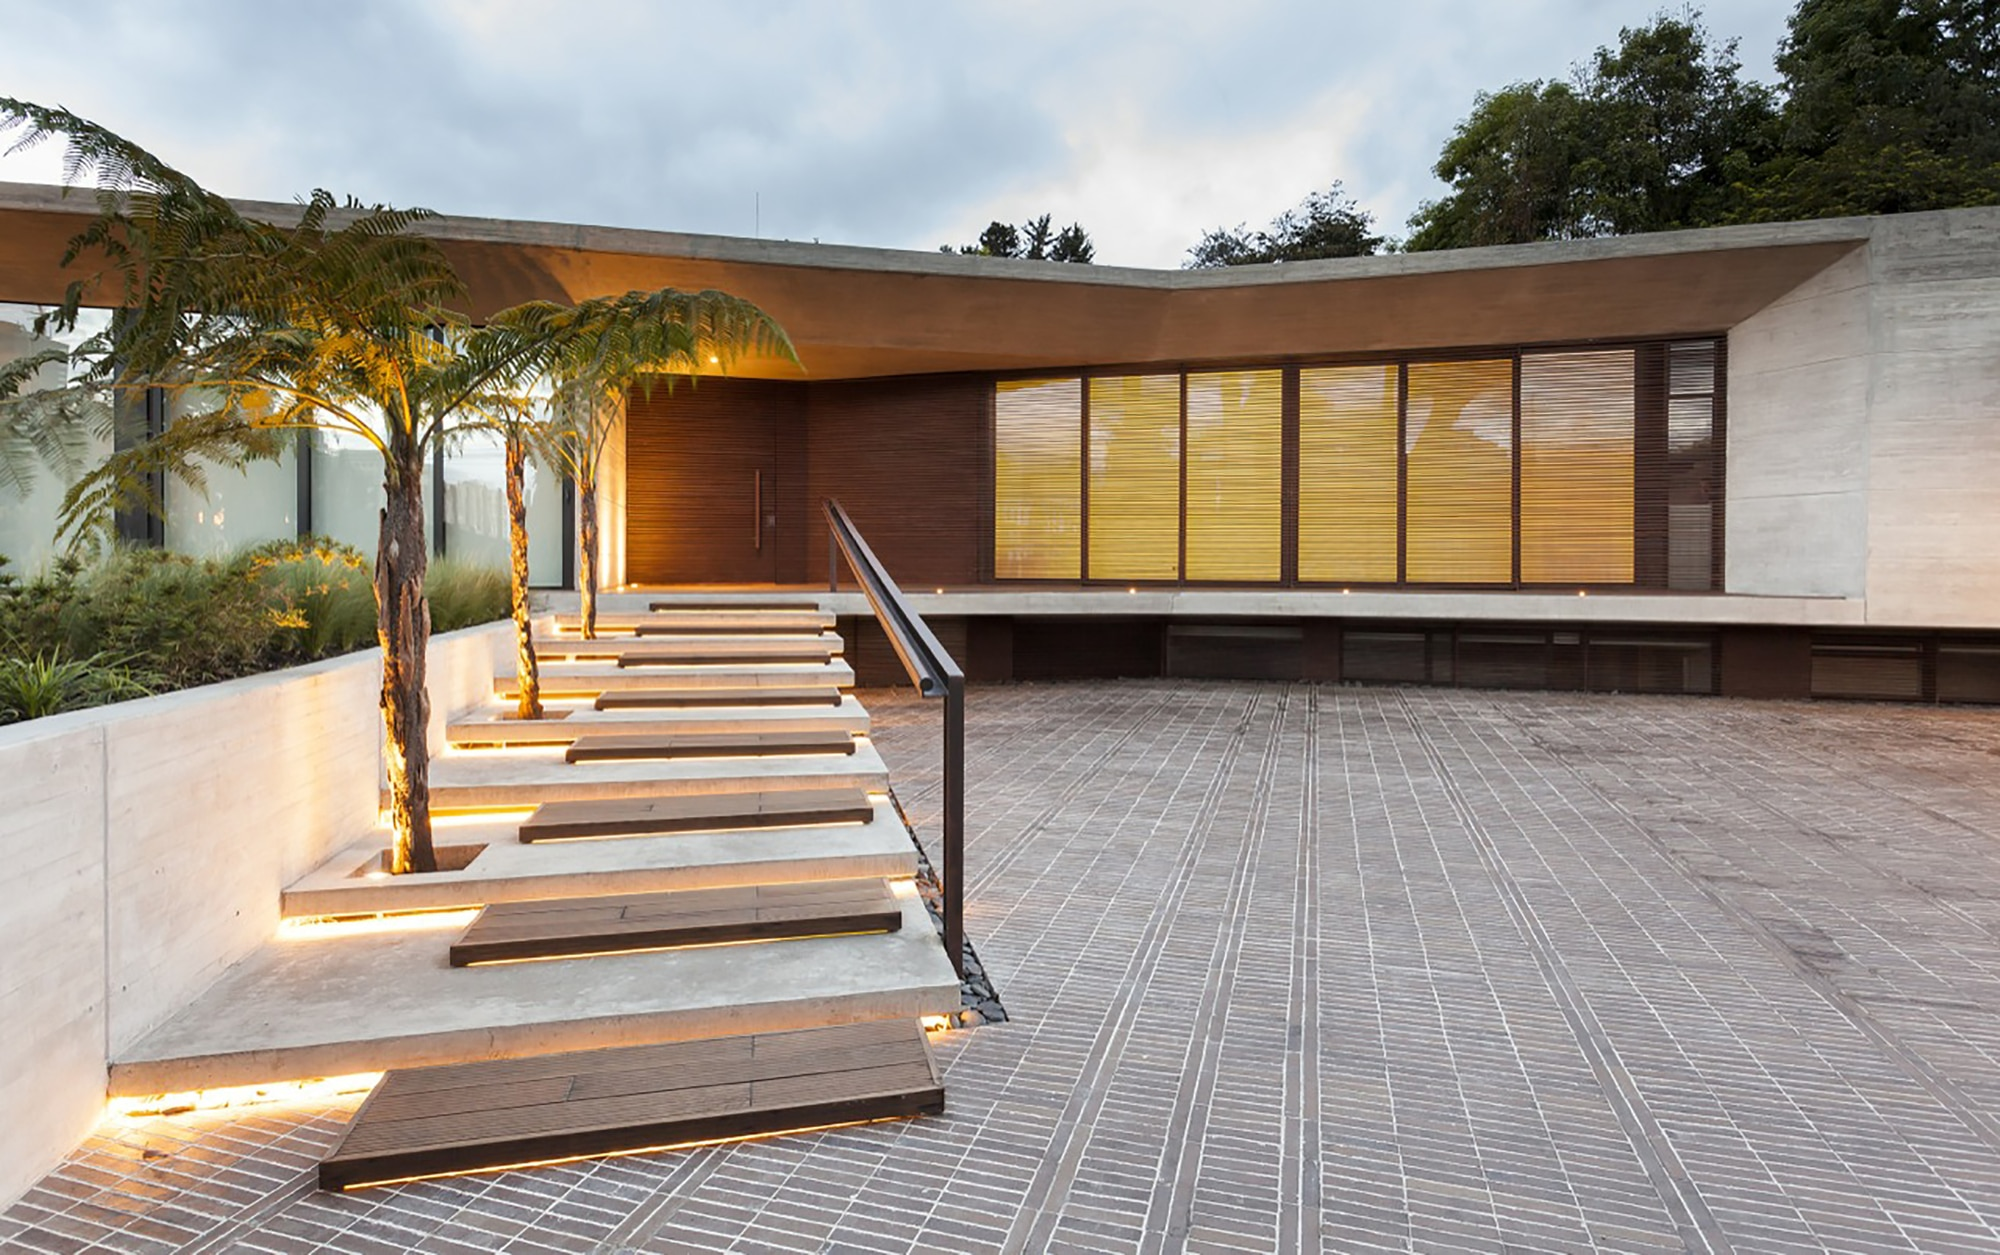 Moderno dise o casa de un piso con planos for Casas modernas fachadas de un piso